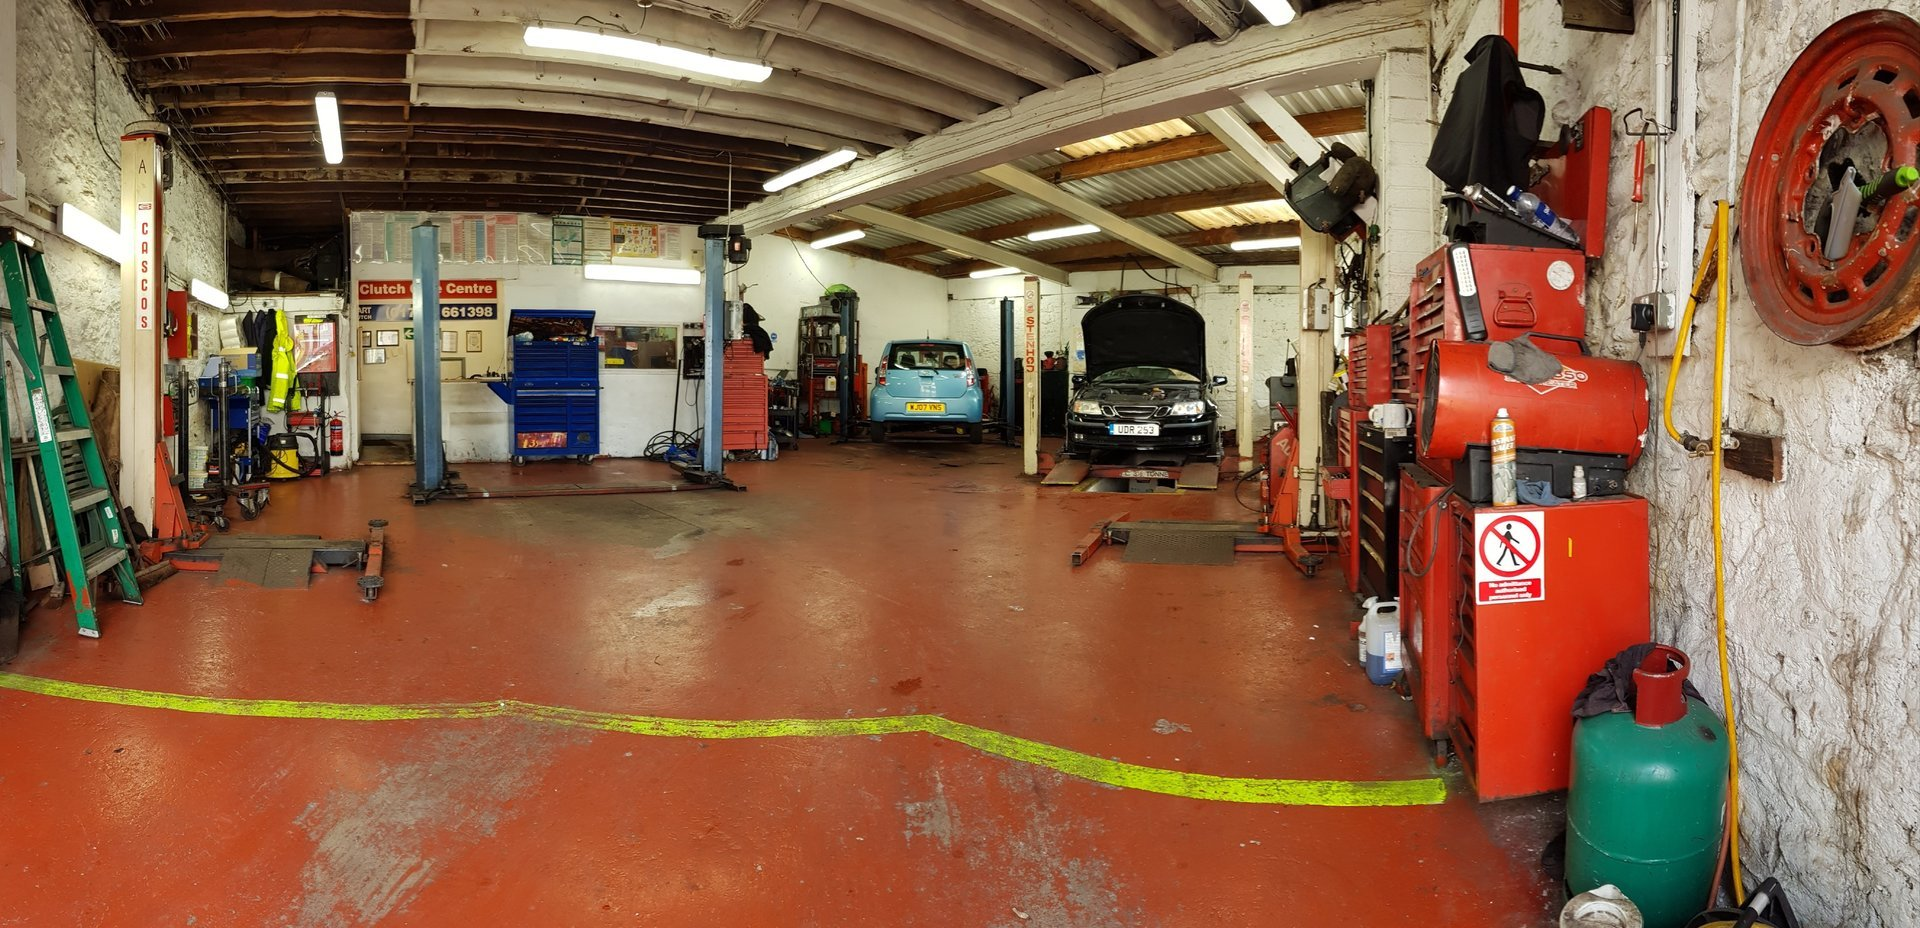 garage interior view